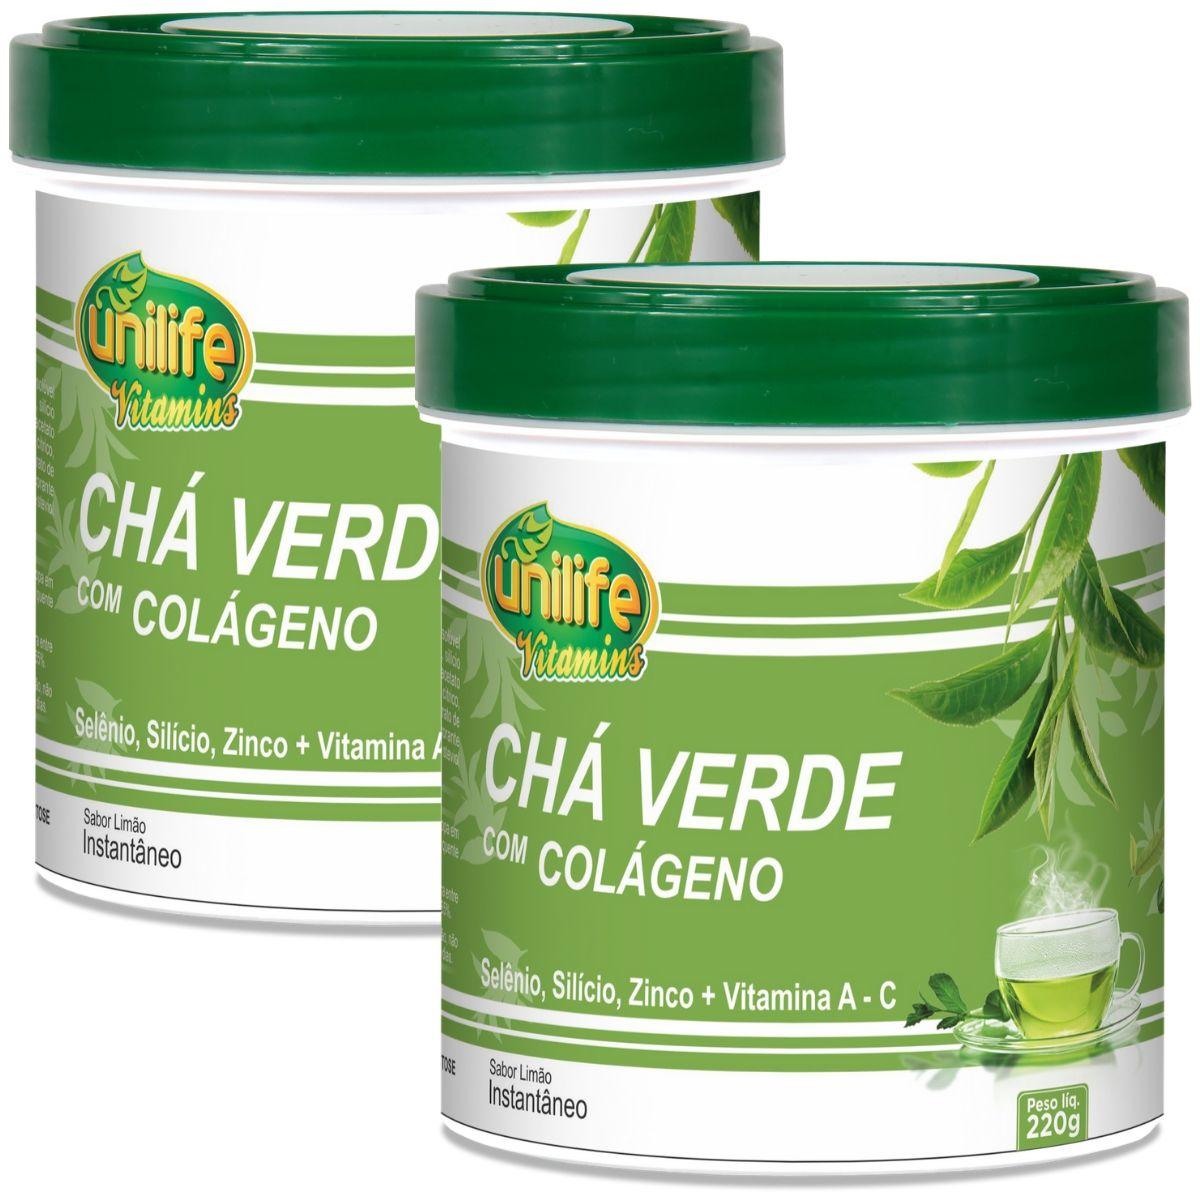 Kit 2 Chá Verde C/ Colágeno E Stévia 220g - Unilife